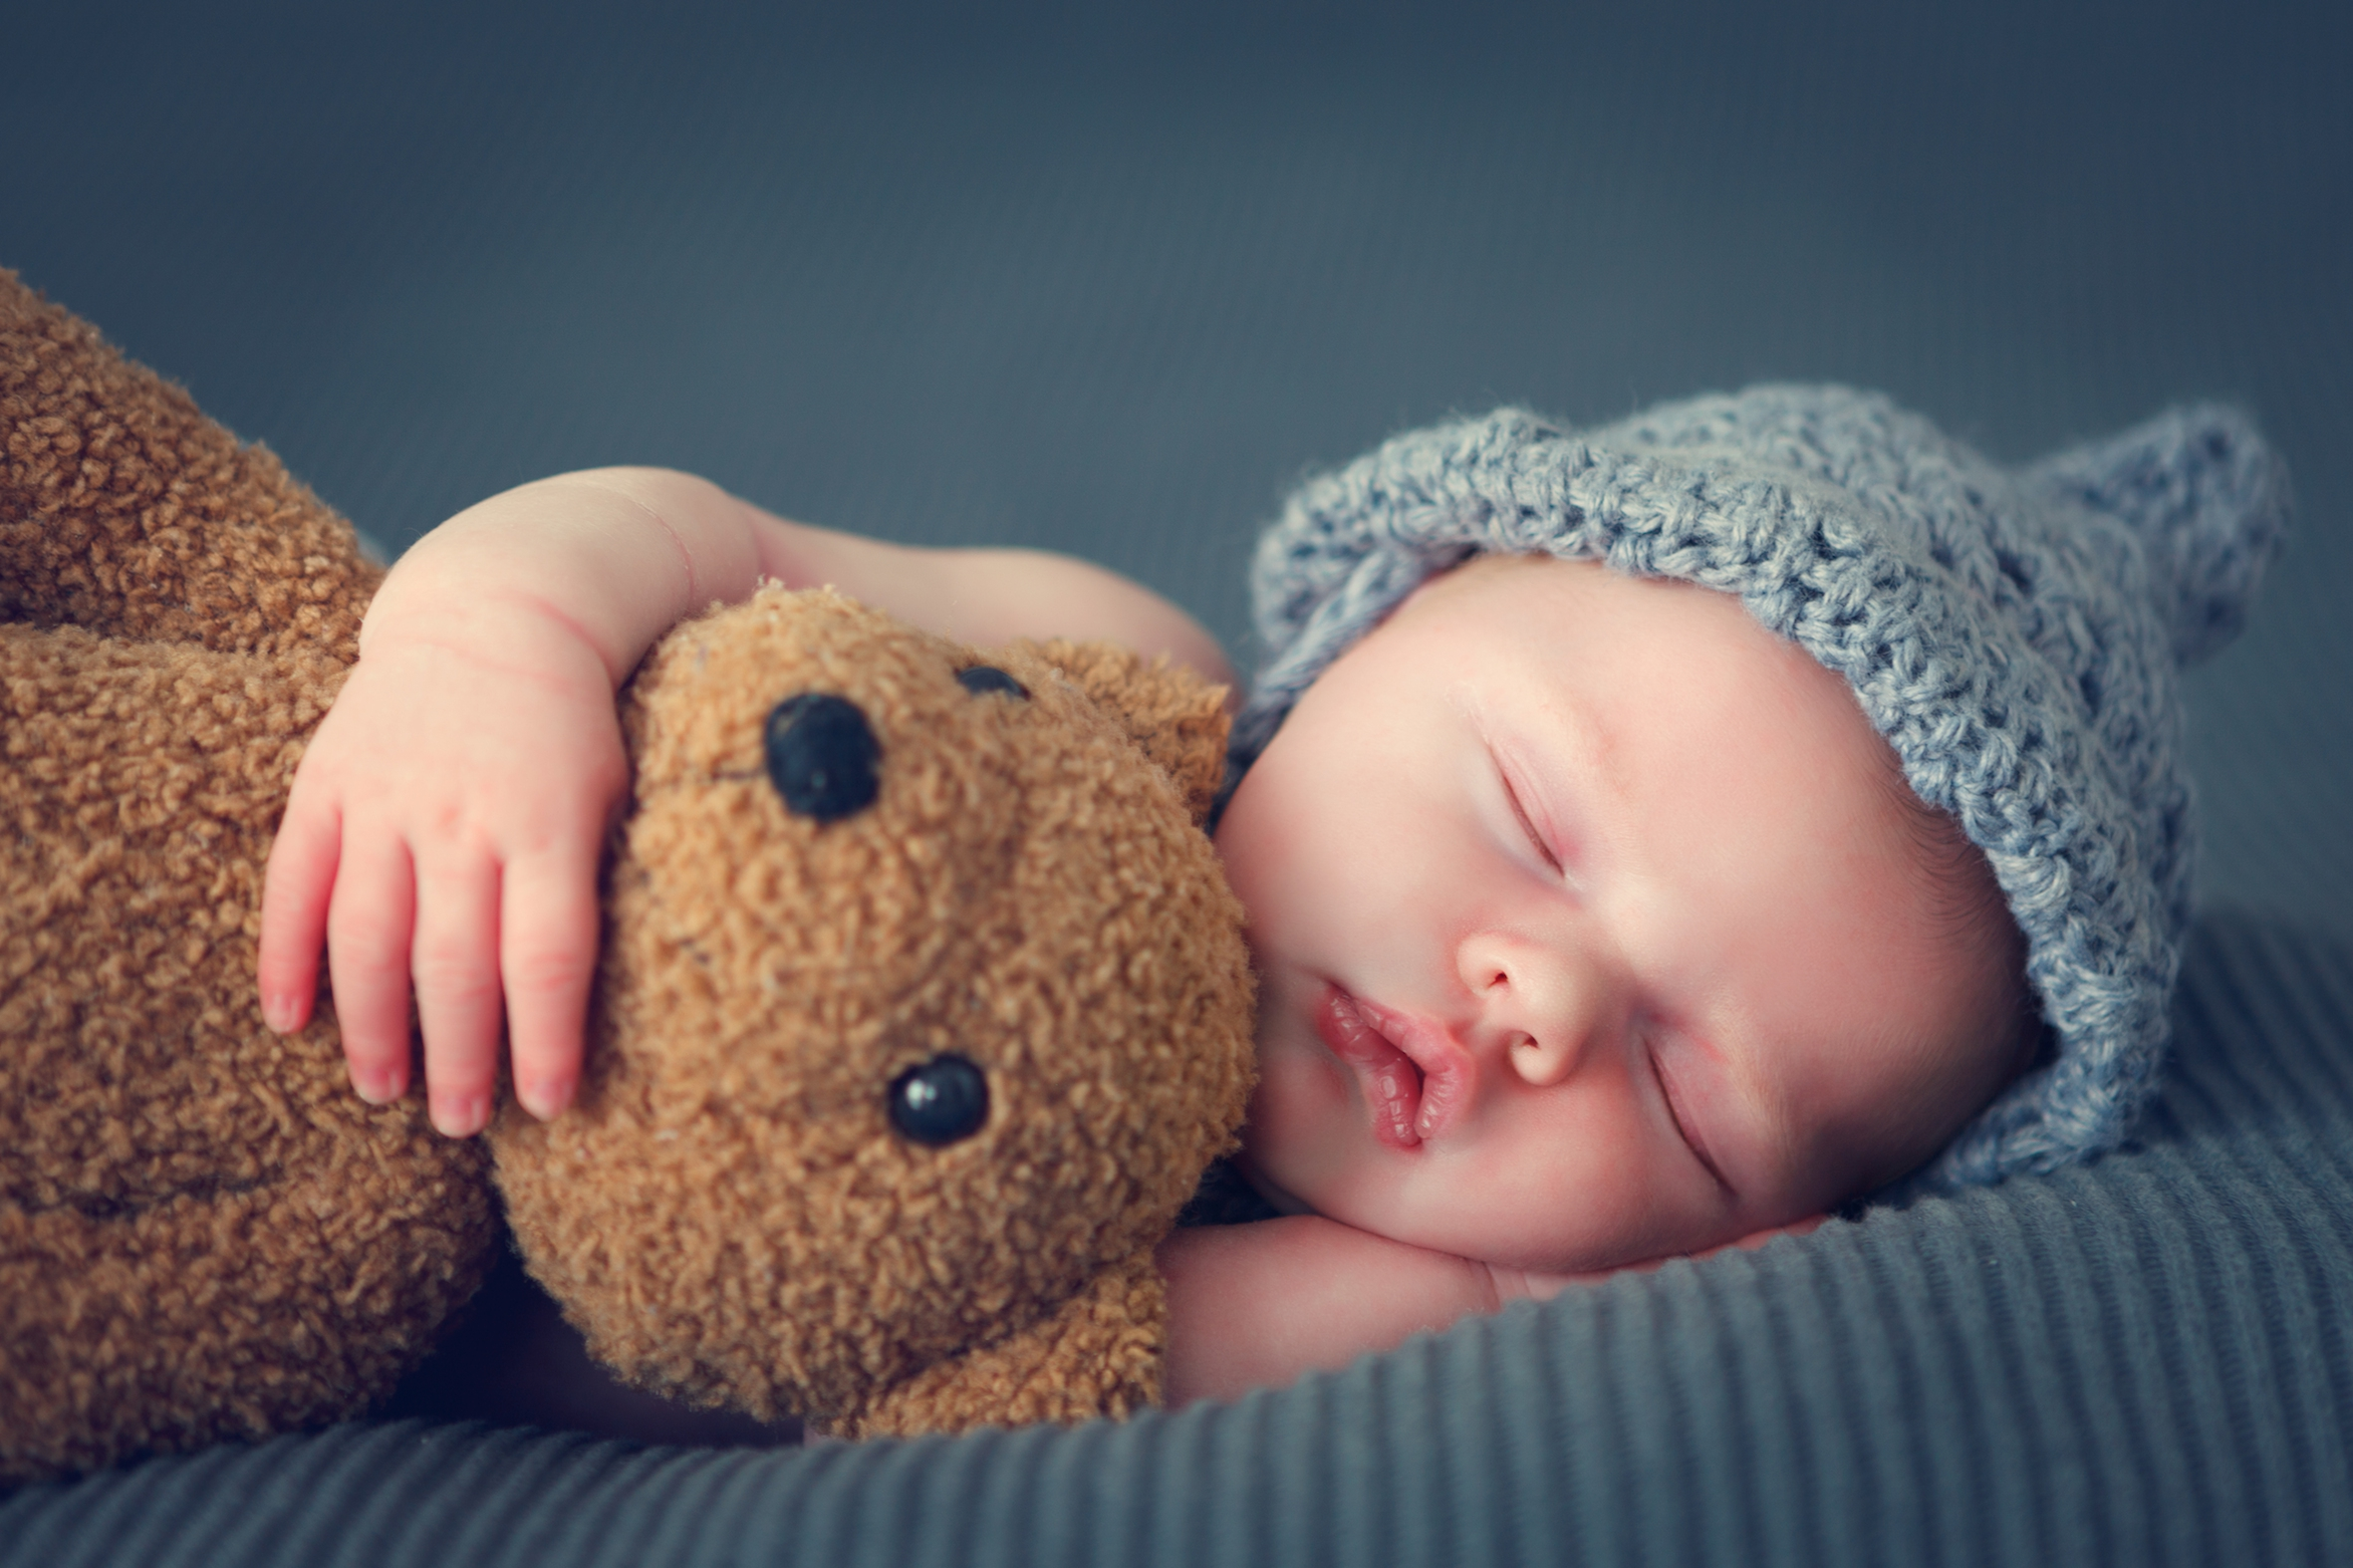 Bewezen: dít is waarom baby's altijd zo heerlijk ruiken!